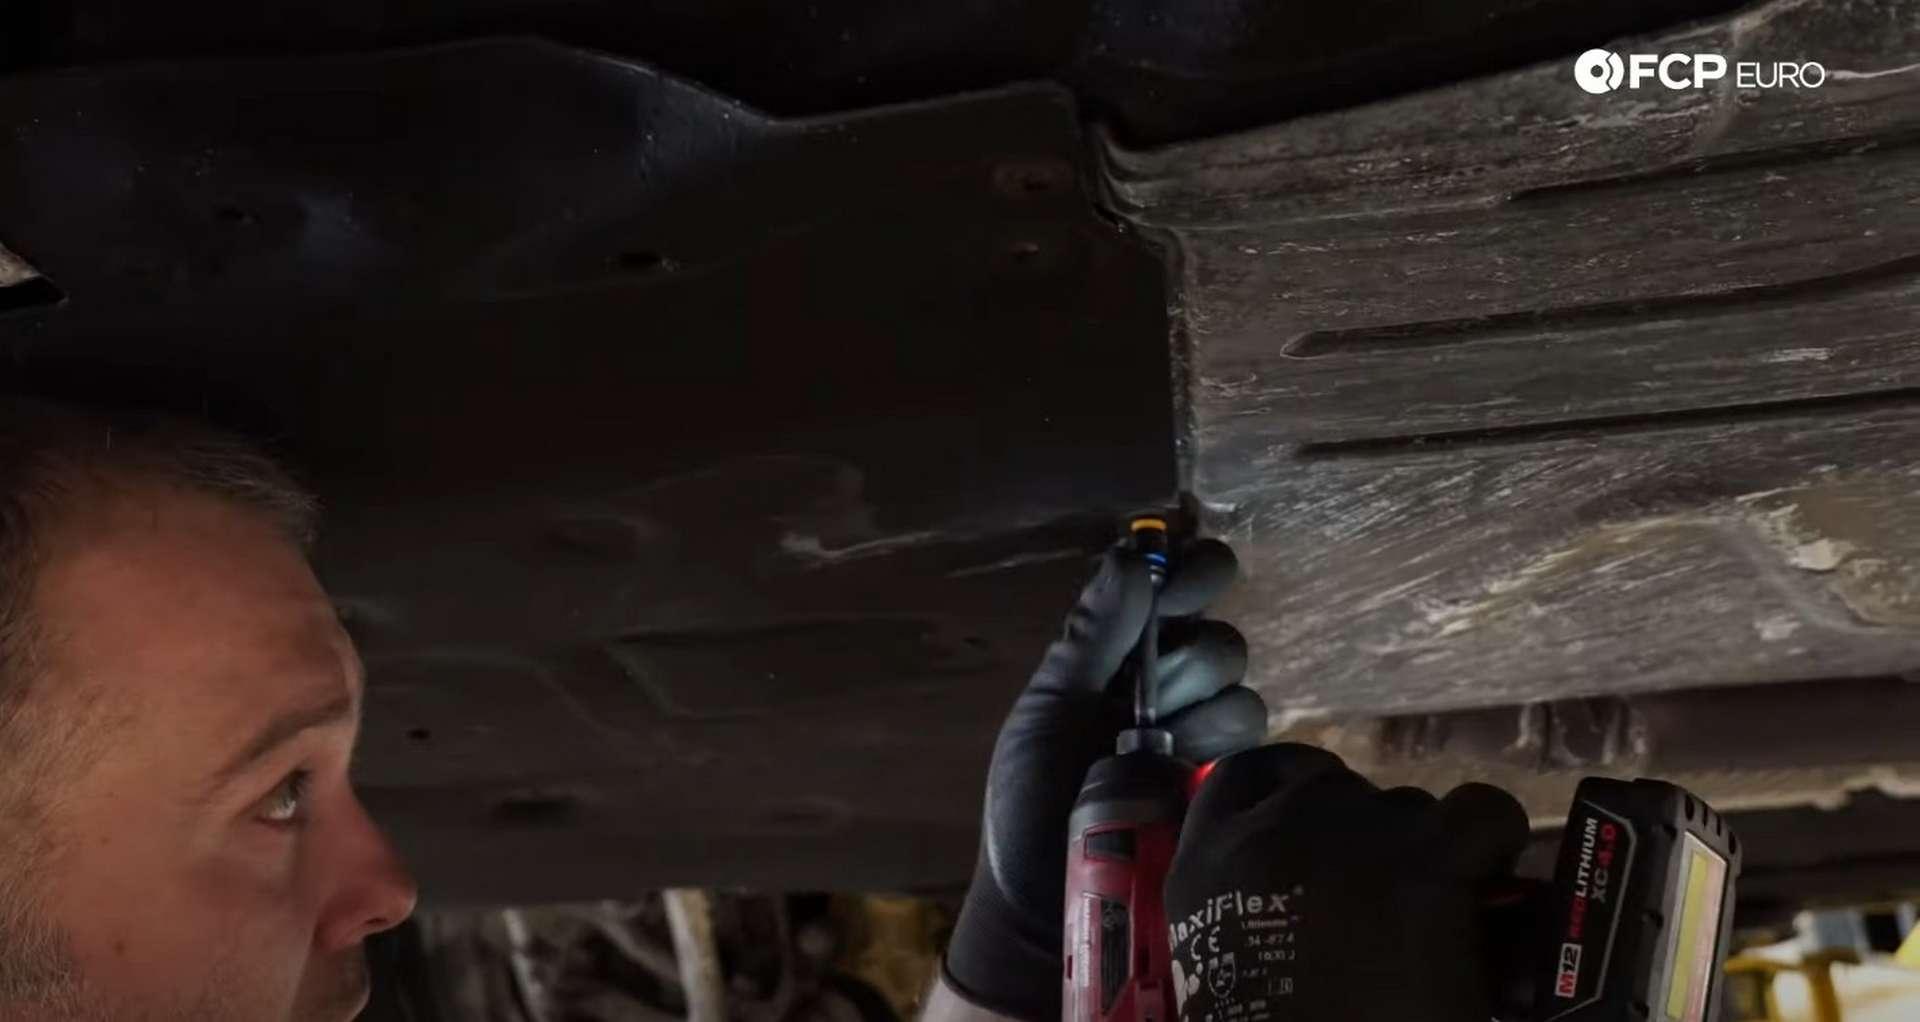 DIY BMW F30 Radiator Replacement loosening removing the upper radiator fastener